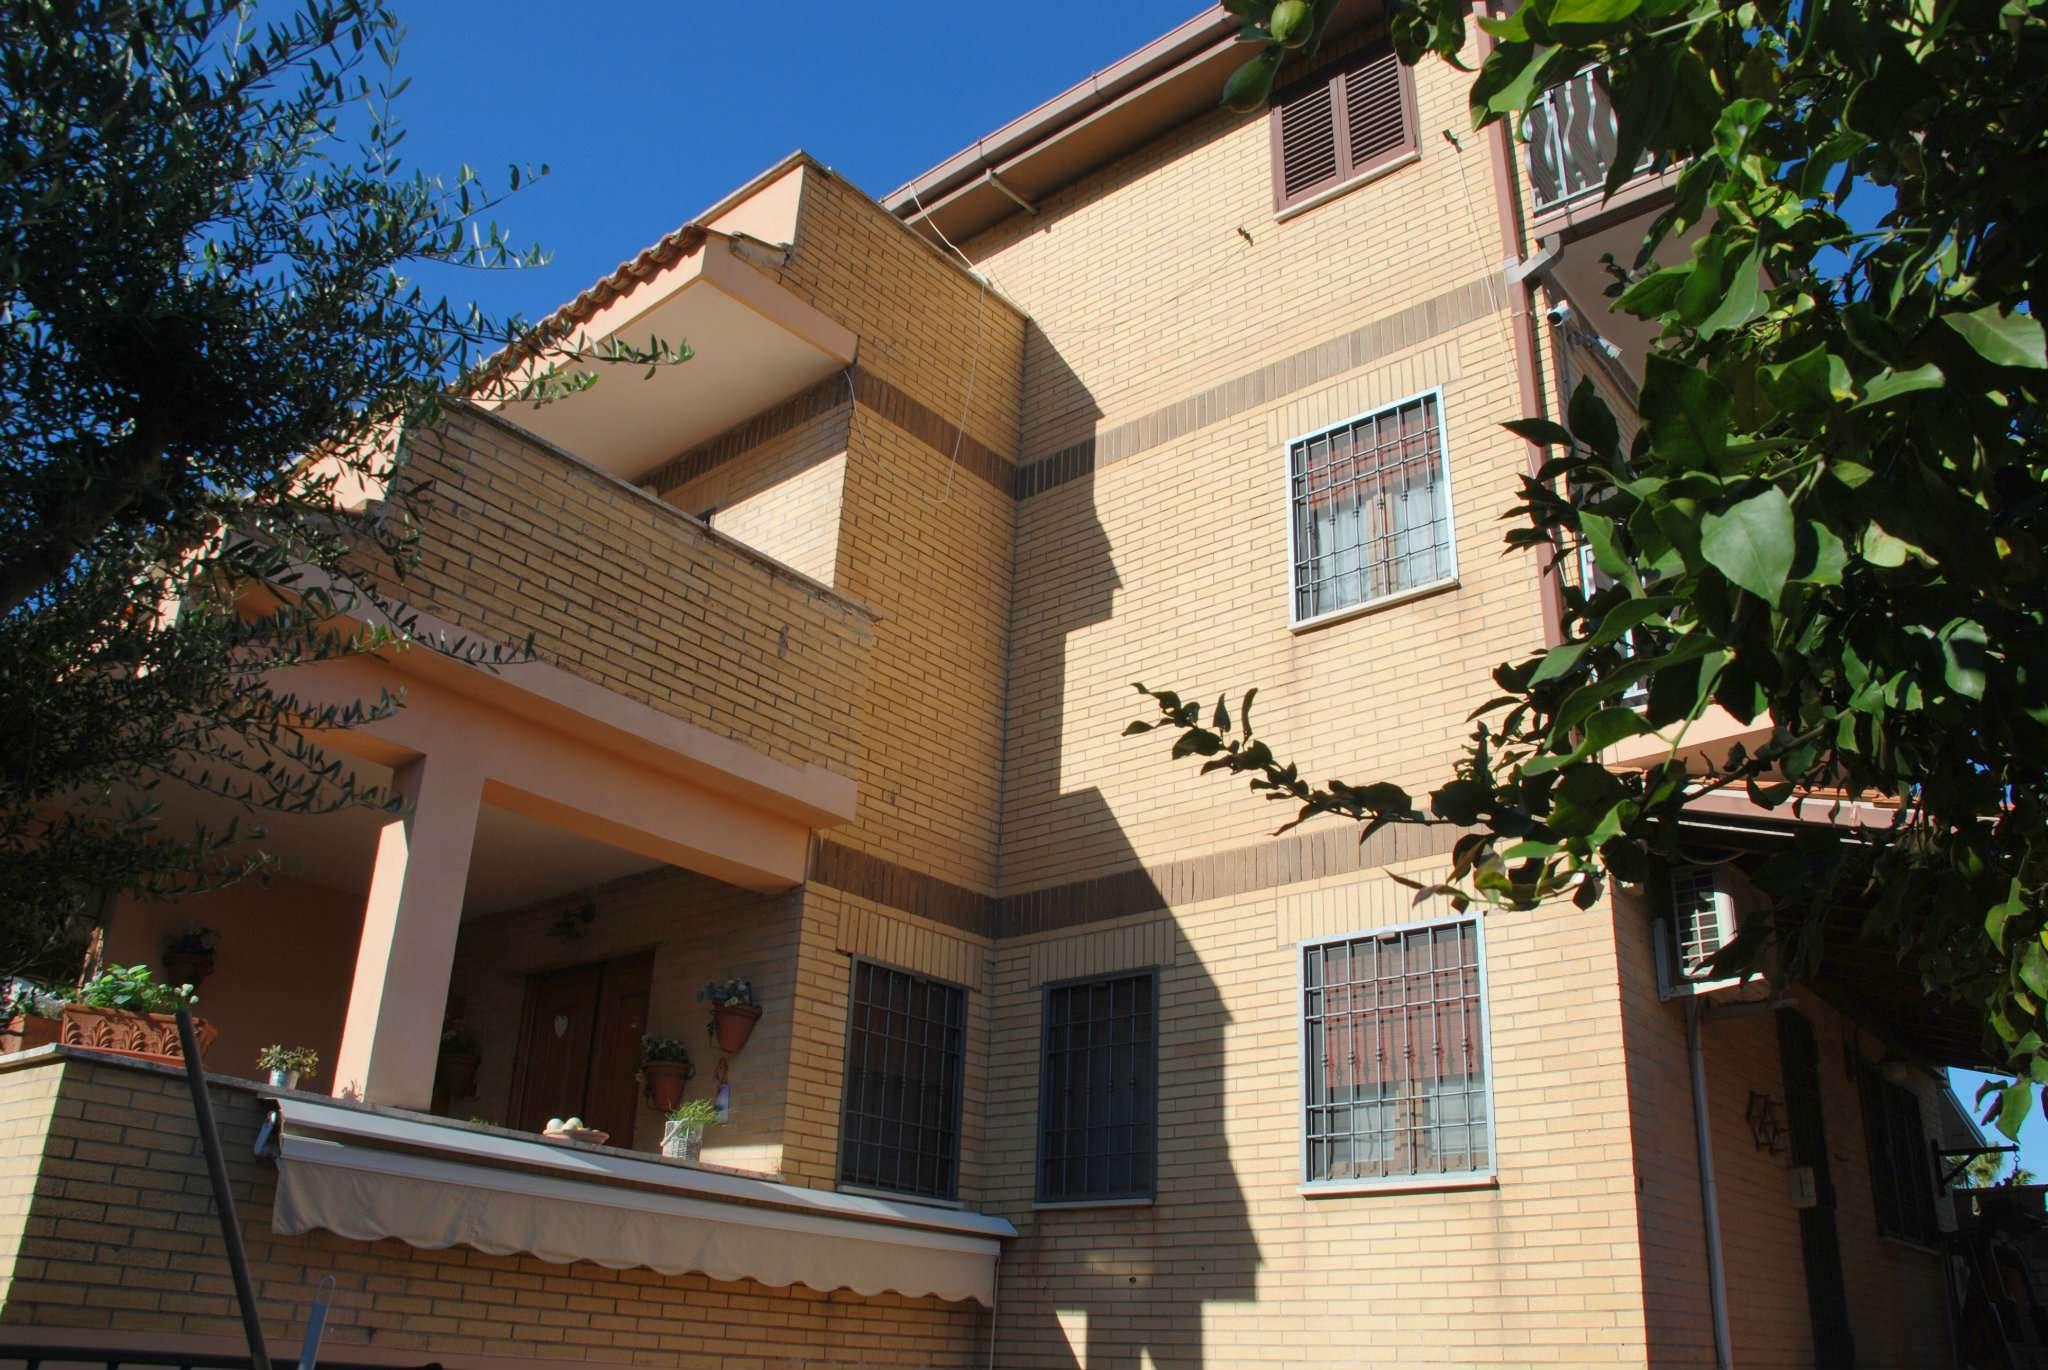 Villa Bifamiliare in vendita a Roma, 6 locali, zona Zona: 38 . Acilia, Vitinia, Infernetto, Axa, Casal Palocco, Madonnetta, prezzo € 480.000 | CambioCasa.it